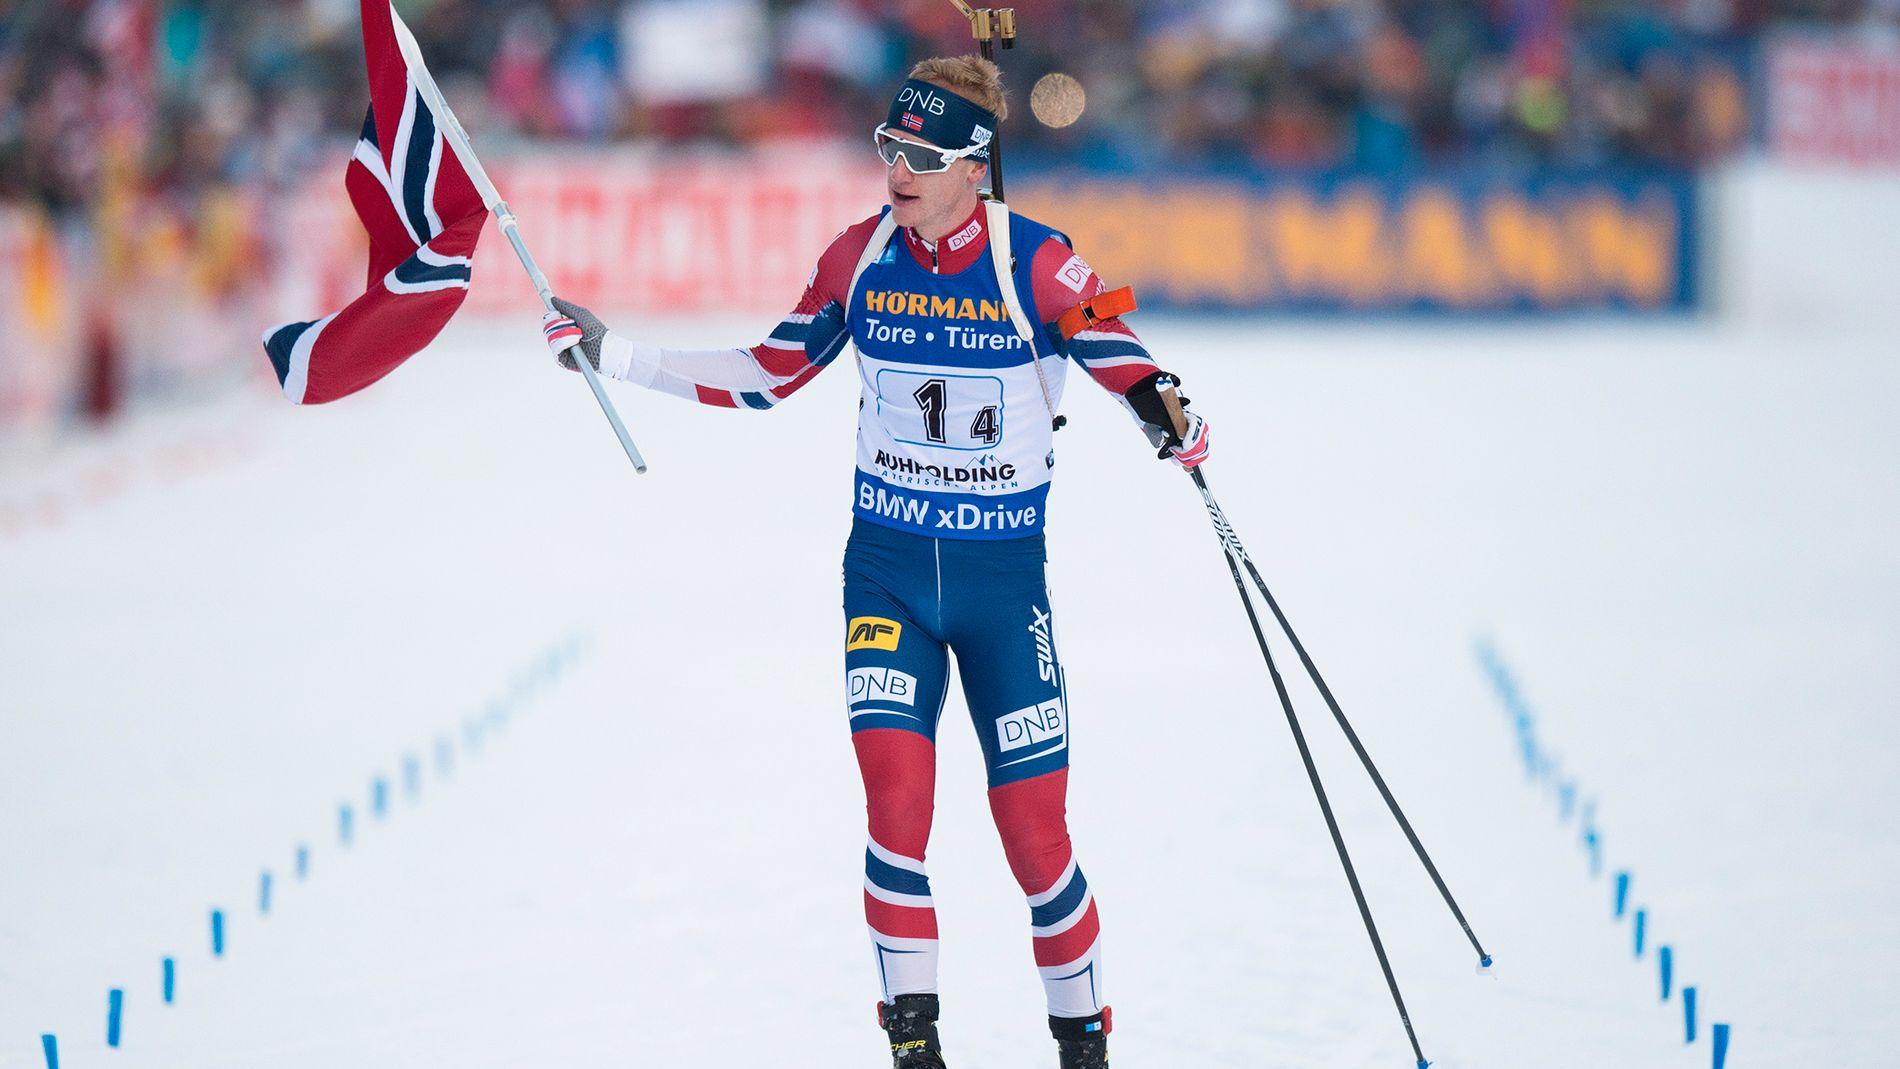 24-åring er en av Norges beste bandyspillere - valgte